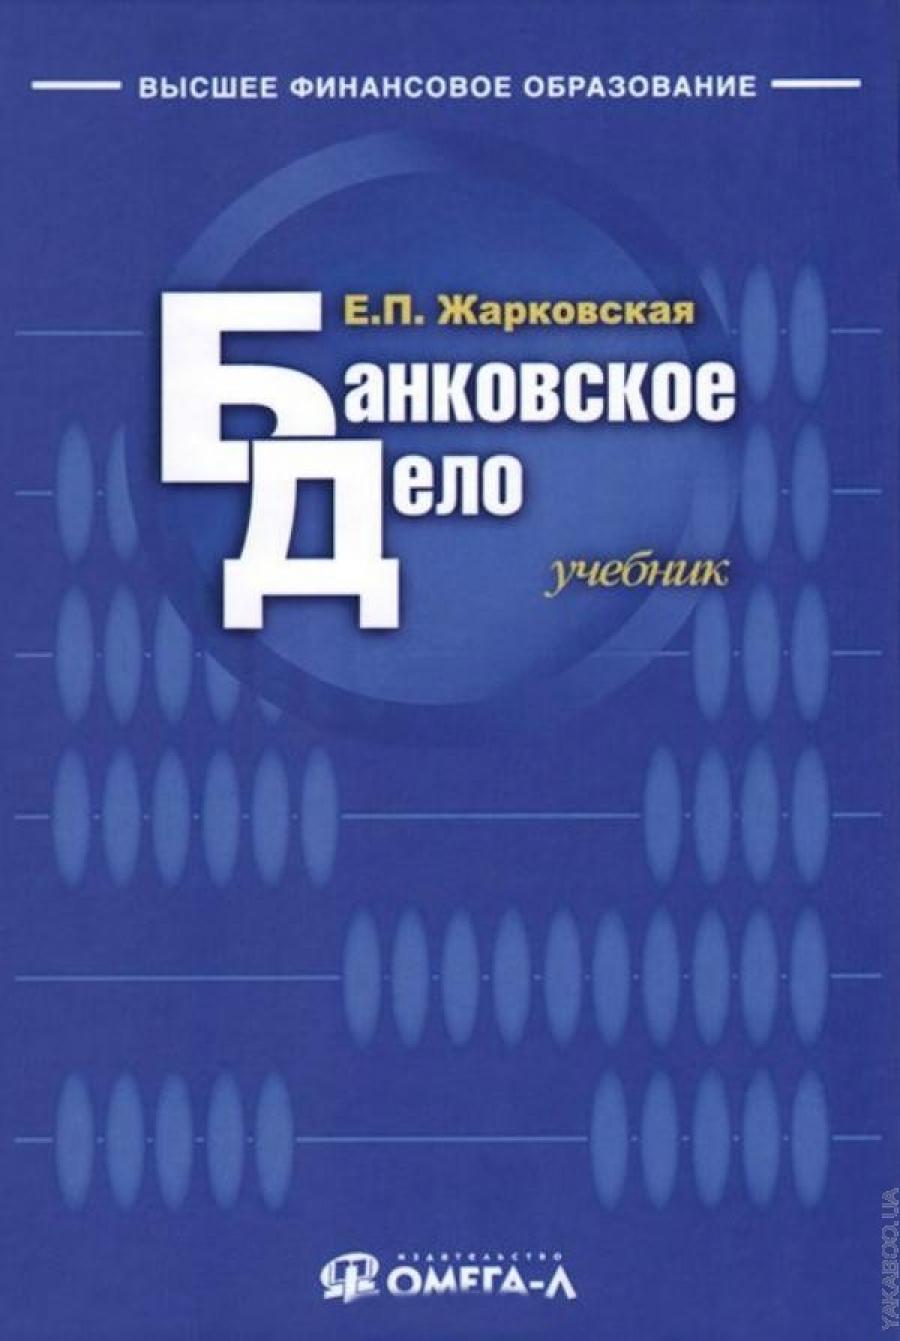 Обложка книги:  жарковская е.п. - банковское дело